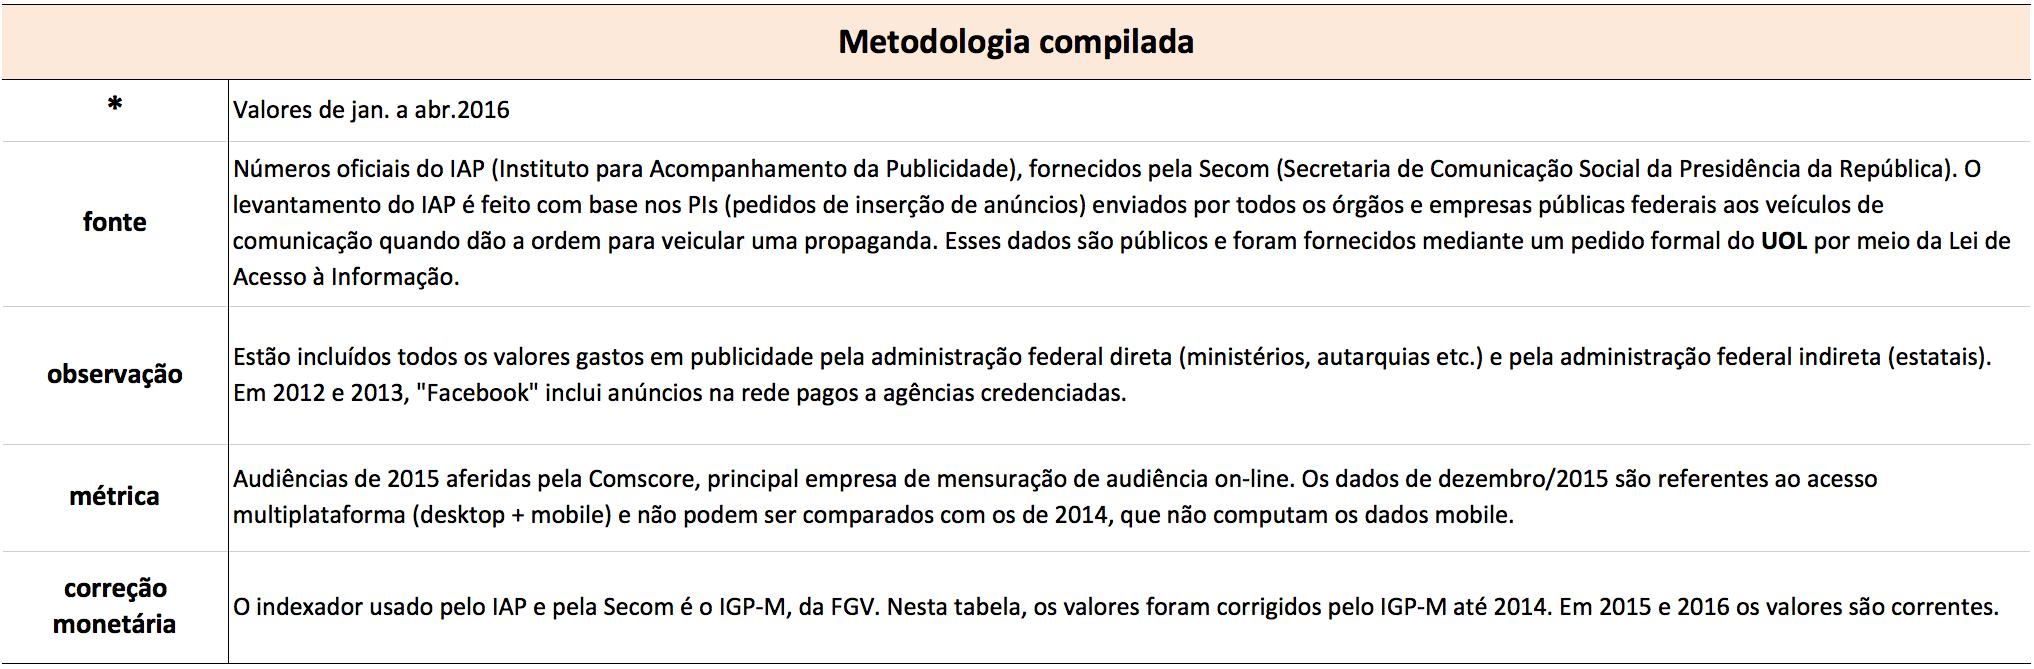 metodologia-redes-sociais